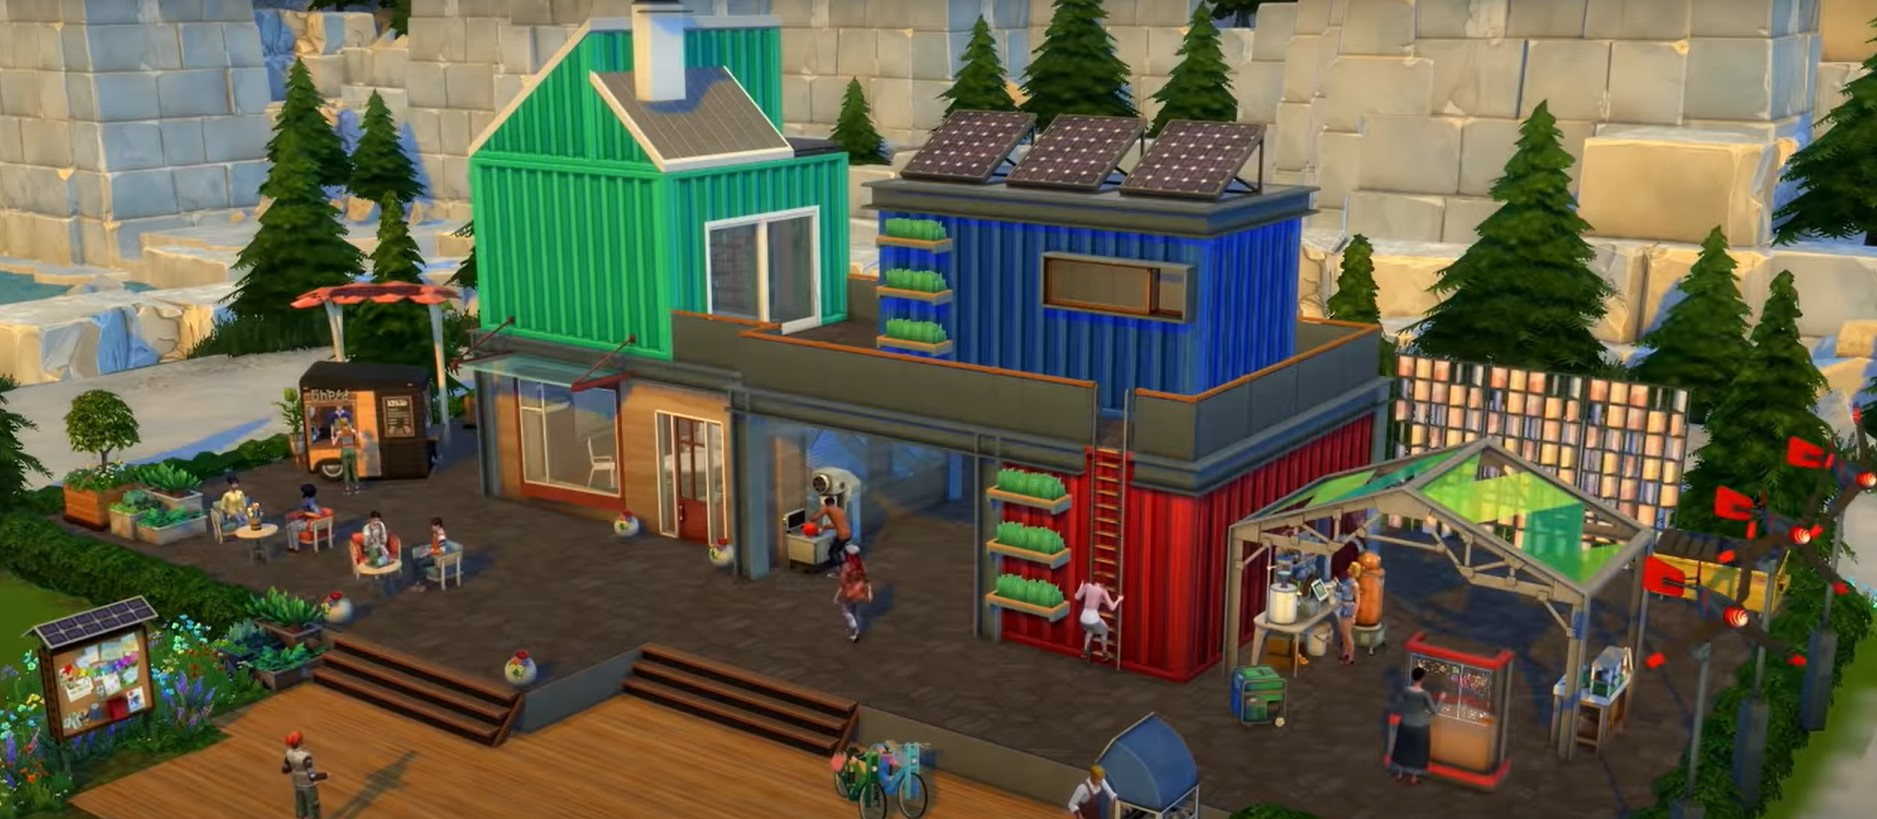 La expansión Los Sims 4 – Vida Ecológica tiene nuevo tráiler